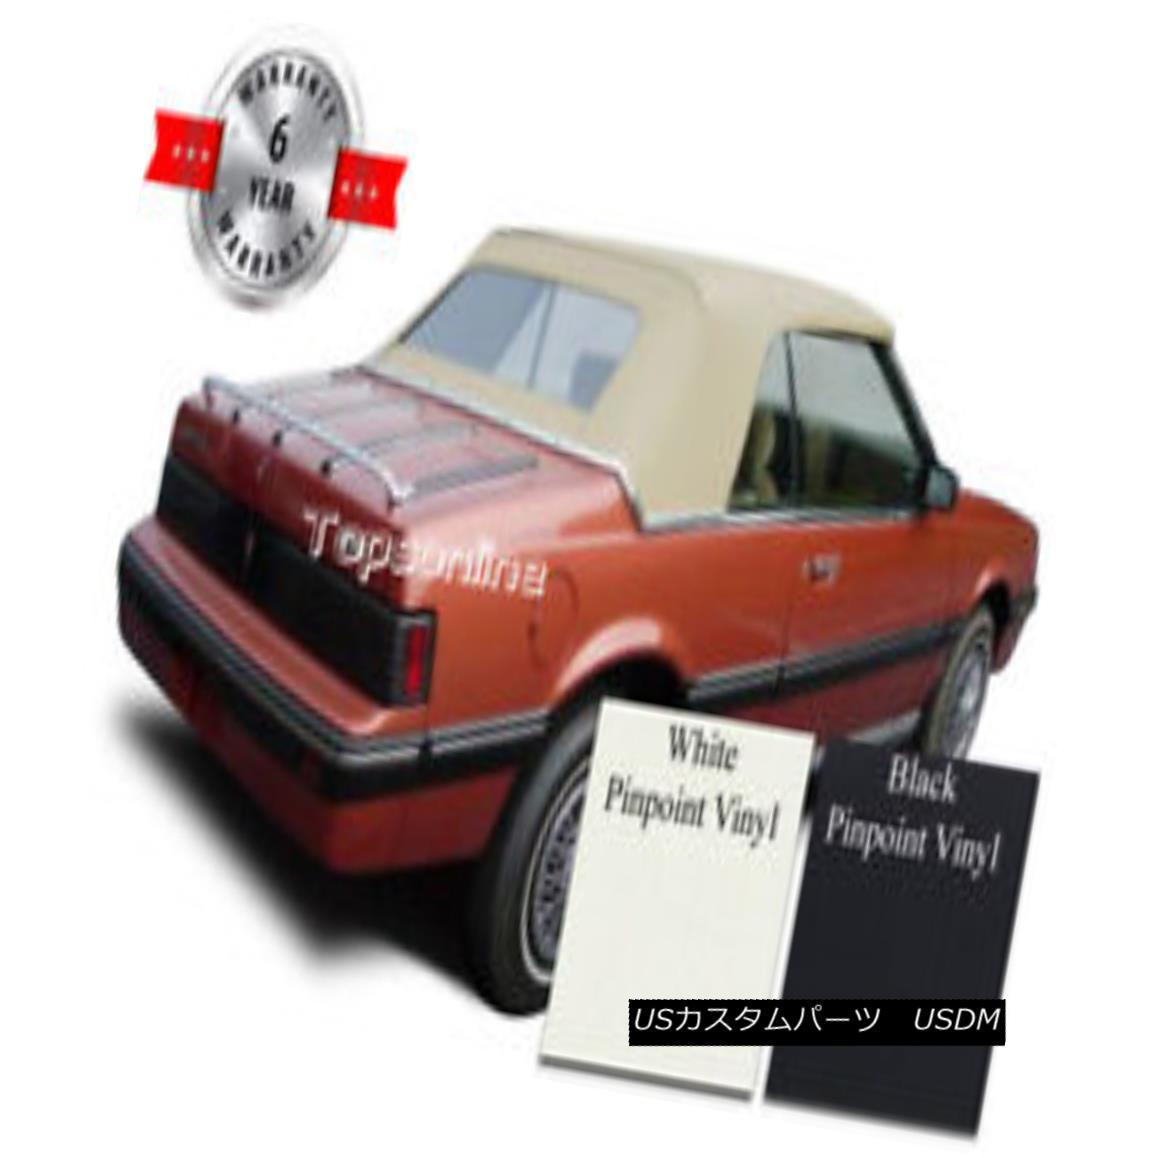 幌・ソフトトップ Cavalier & Sunbird Convertible Soft Top With Plastic Window & Video Vinyl 83-87 キャバリアー& サンバード・コンバーチブル・ソフト・トップ(プラスチック・ウィンドウ& ビデオVinyl 83-87